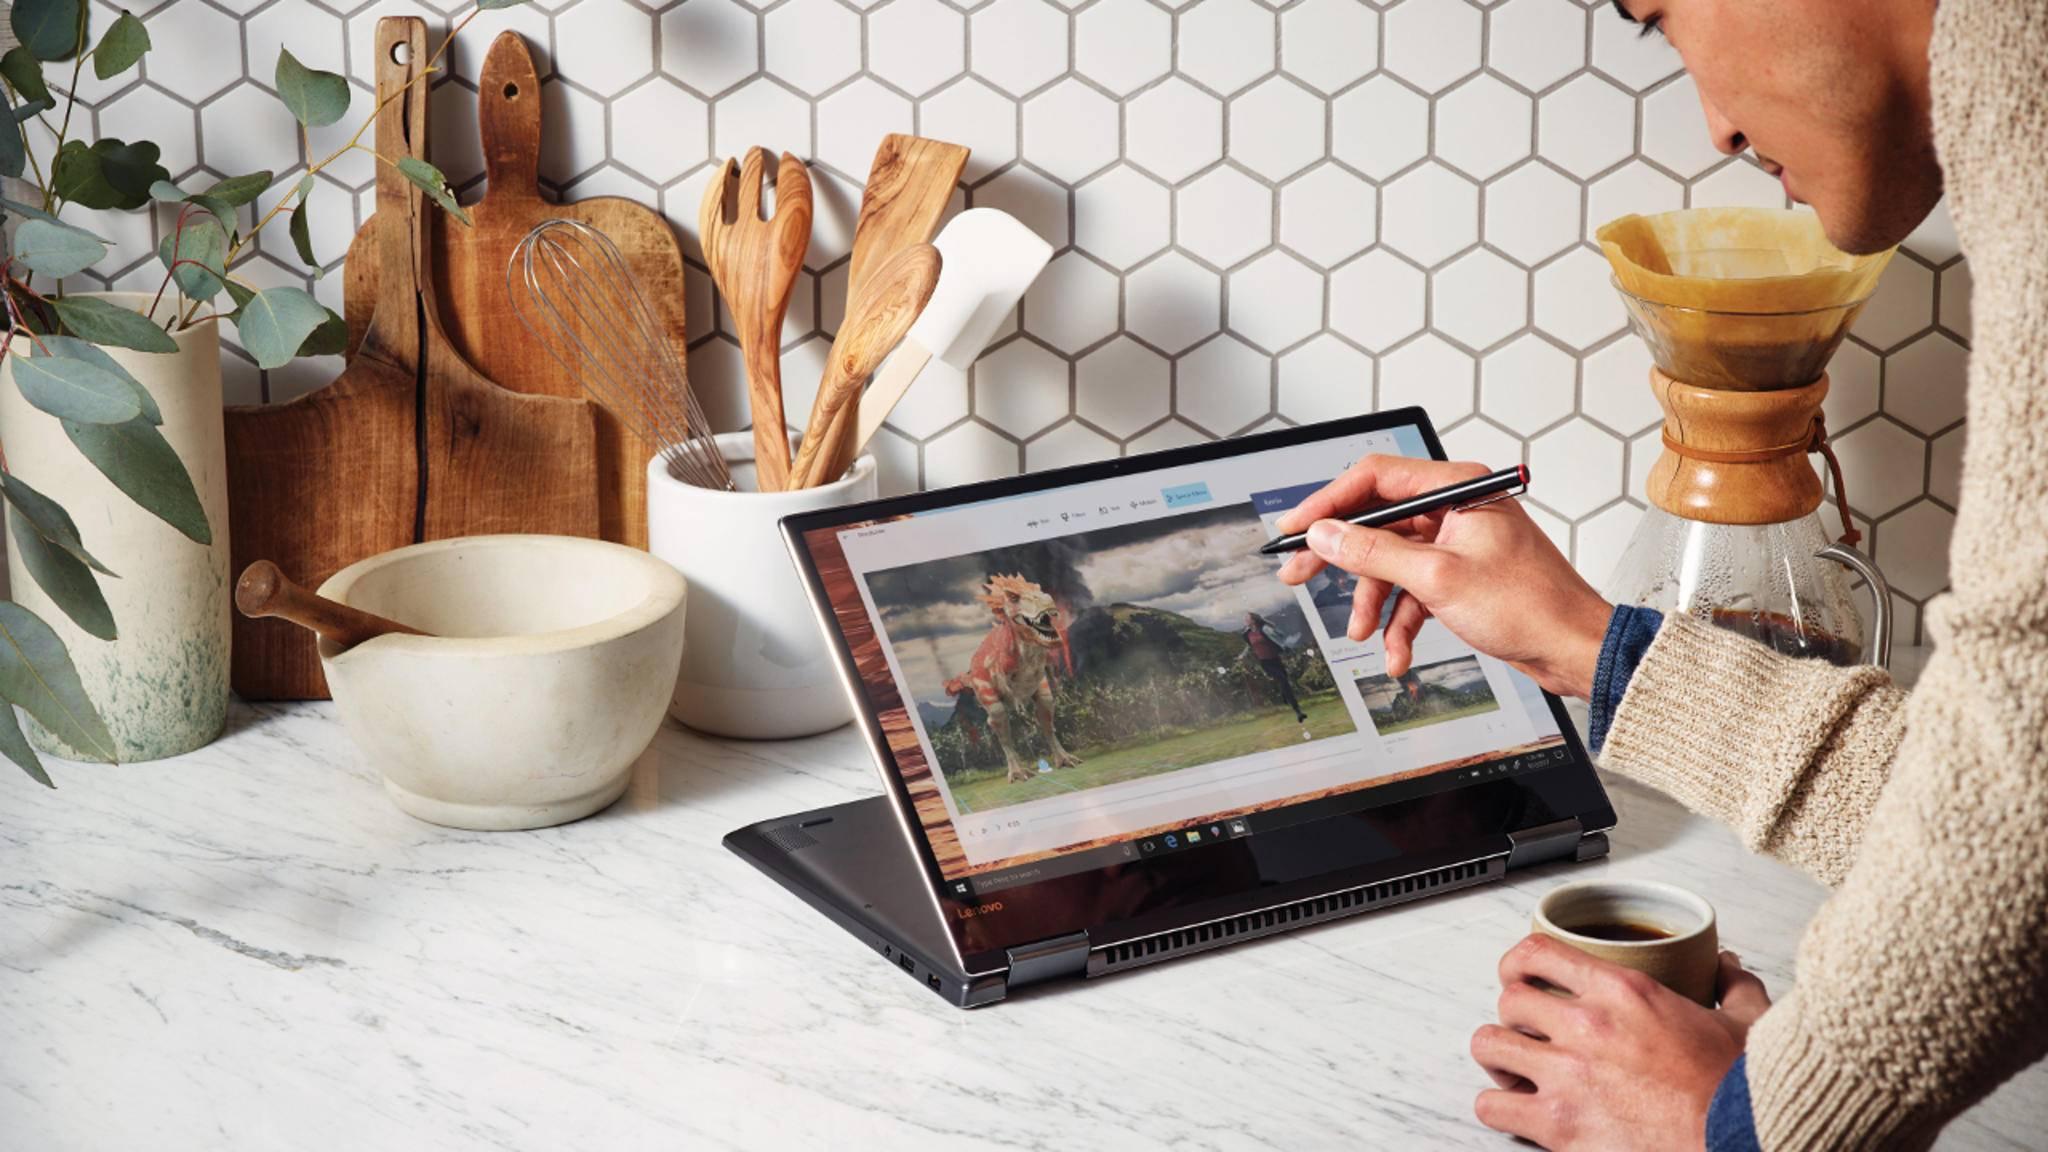 Wer Windows 10 auf einem Tablet nutzen will, sollte am besten auf ein Gerät zurückgreifen, das das Microsoft-OS ab Werk mitliefert.